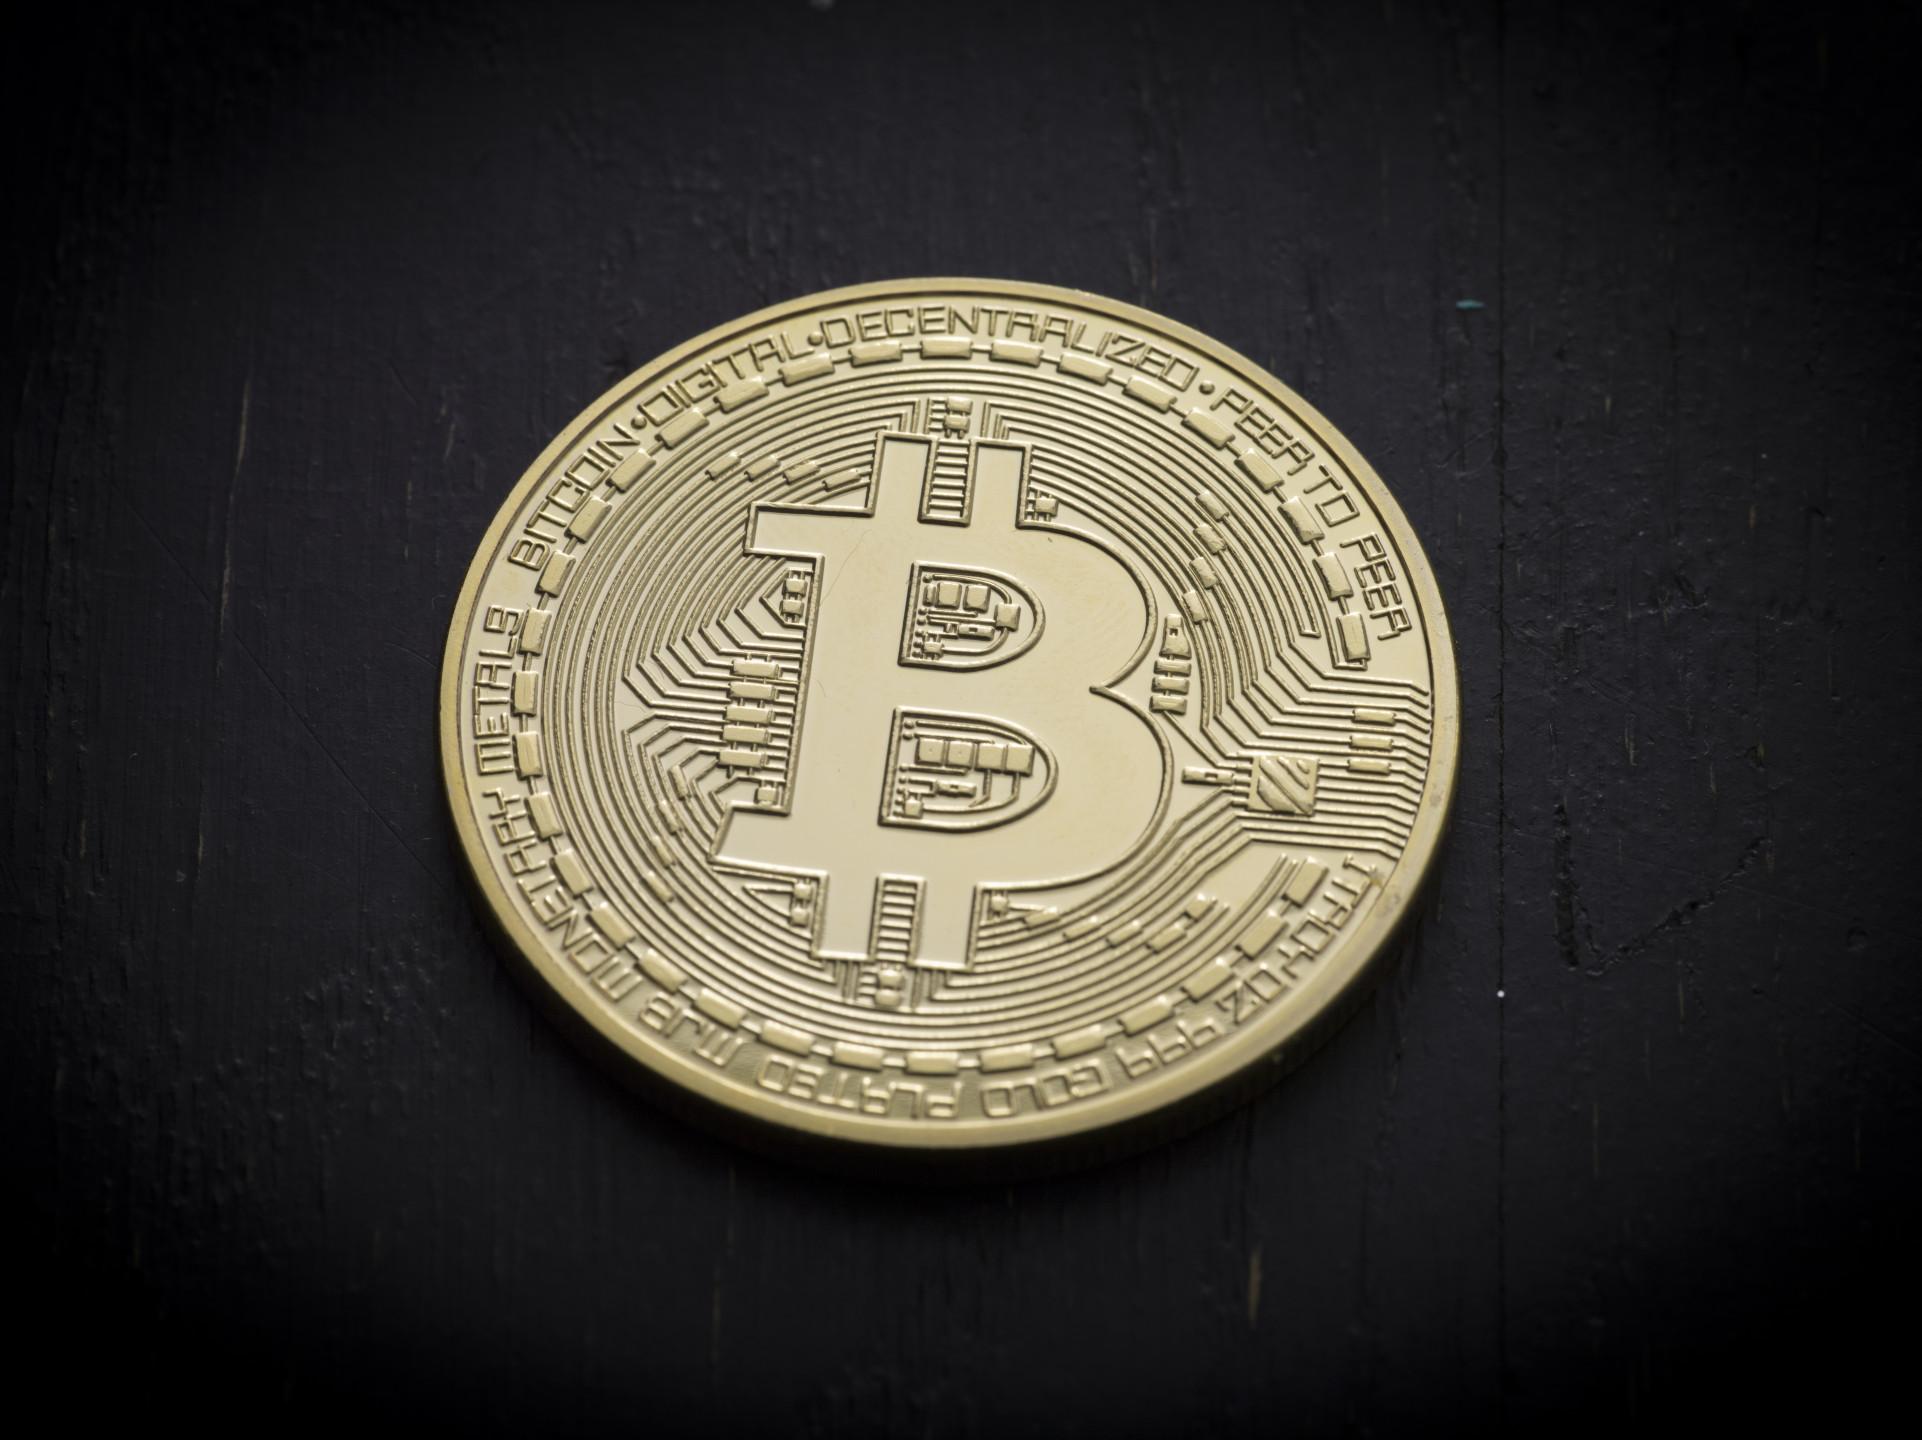 Bitcoin price analysis: BTCUSD bulls target $6400